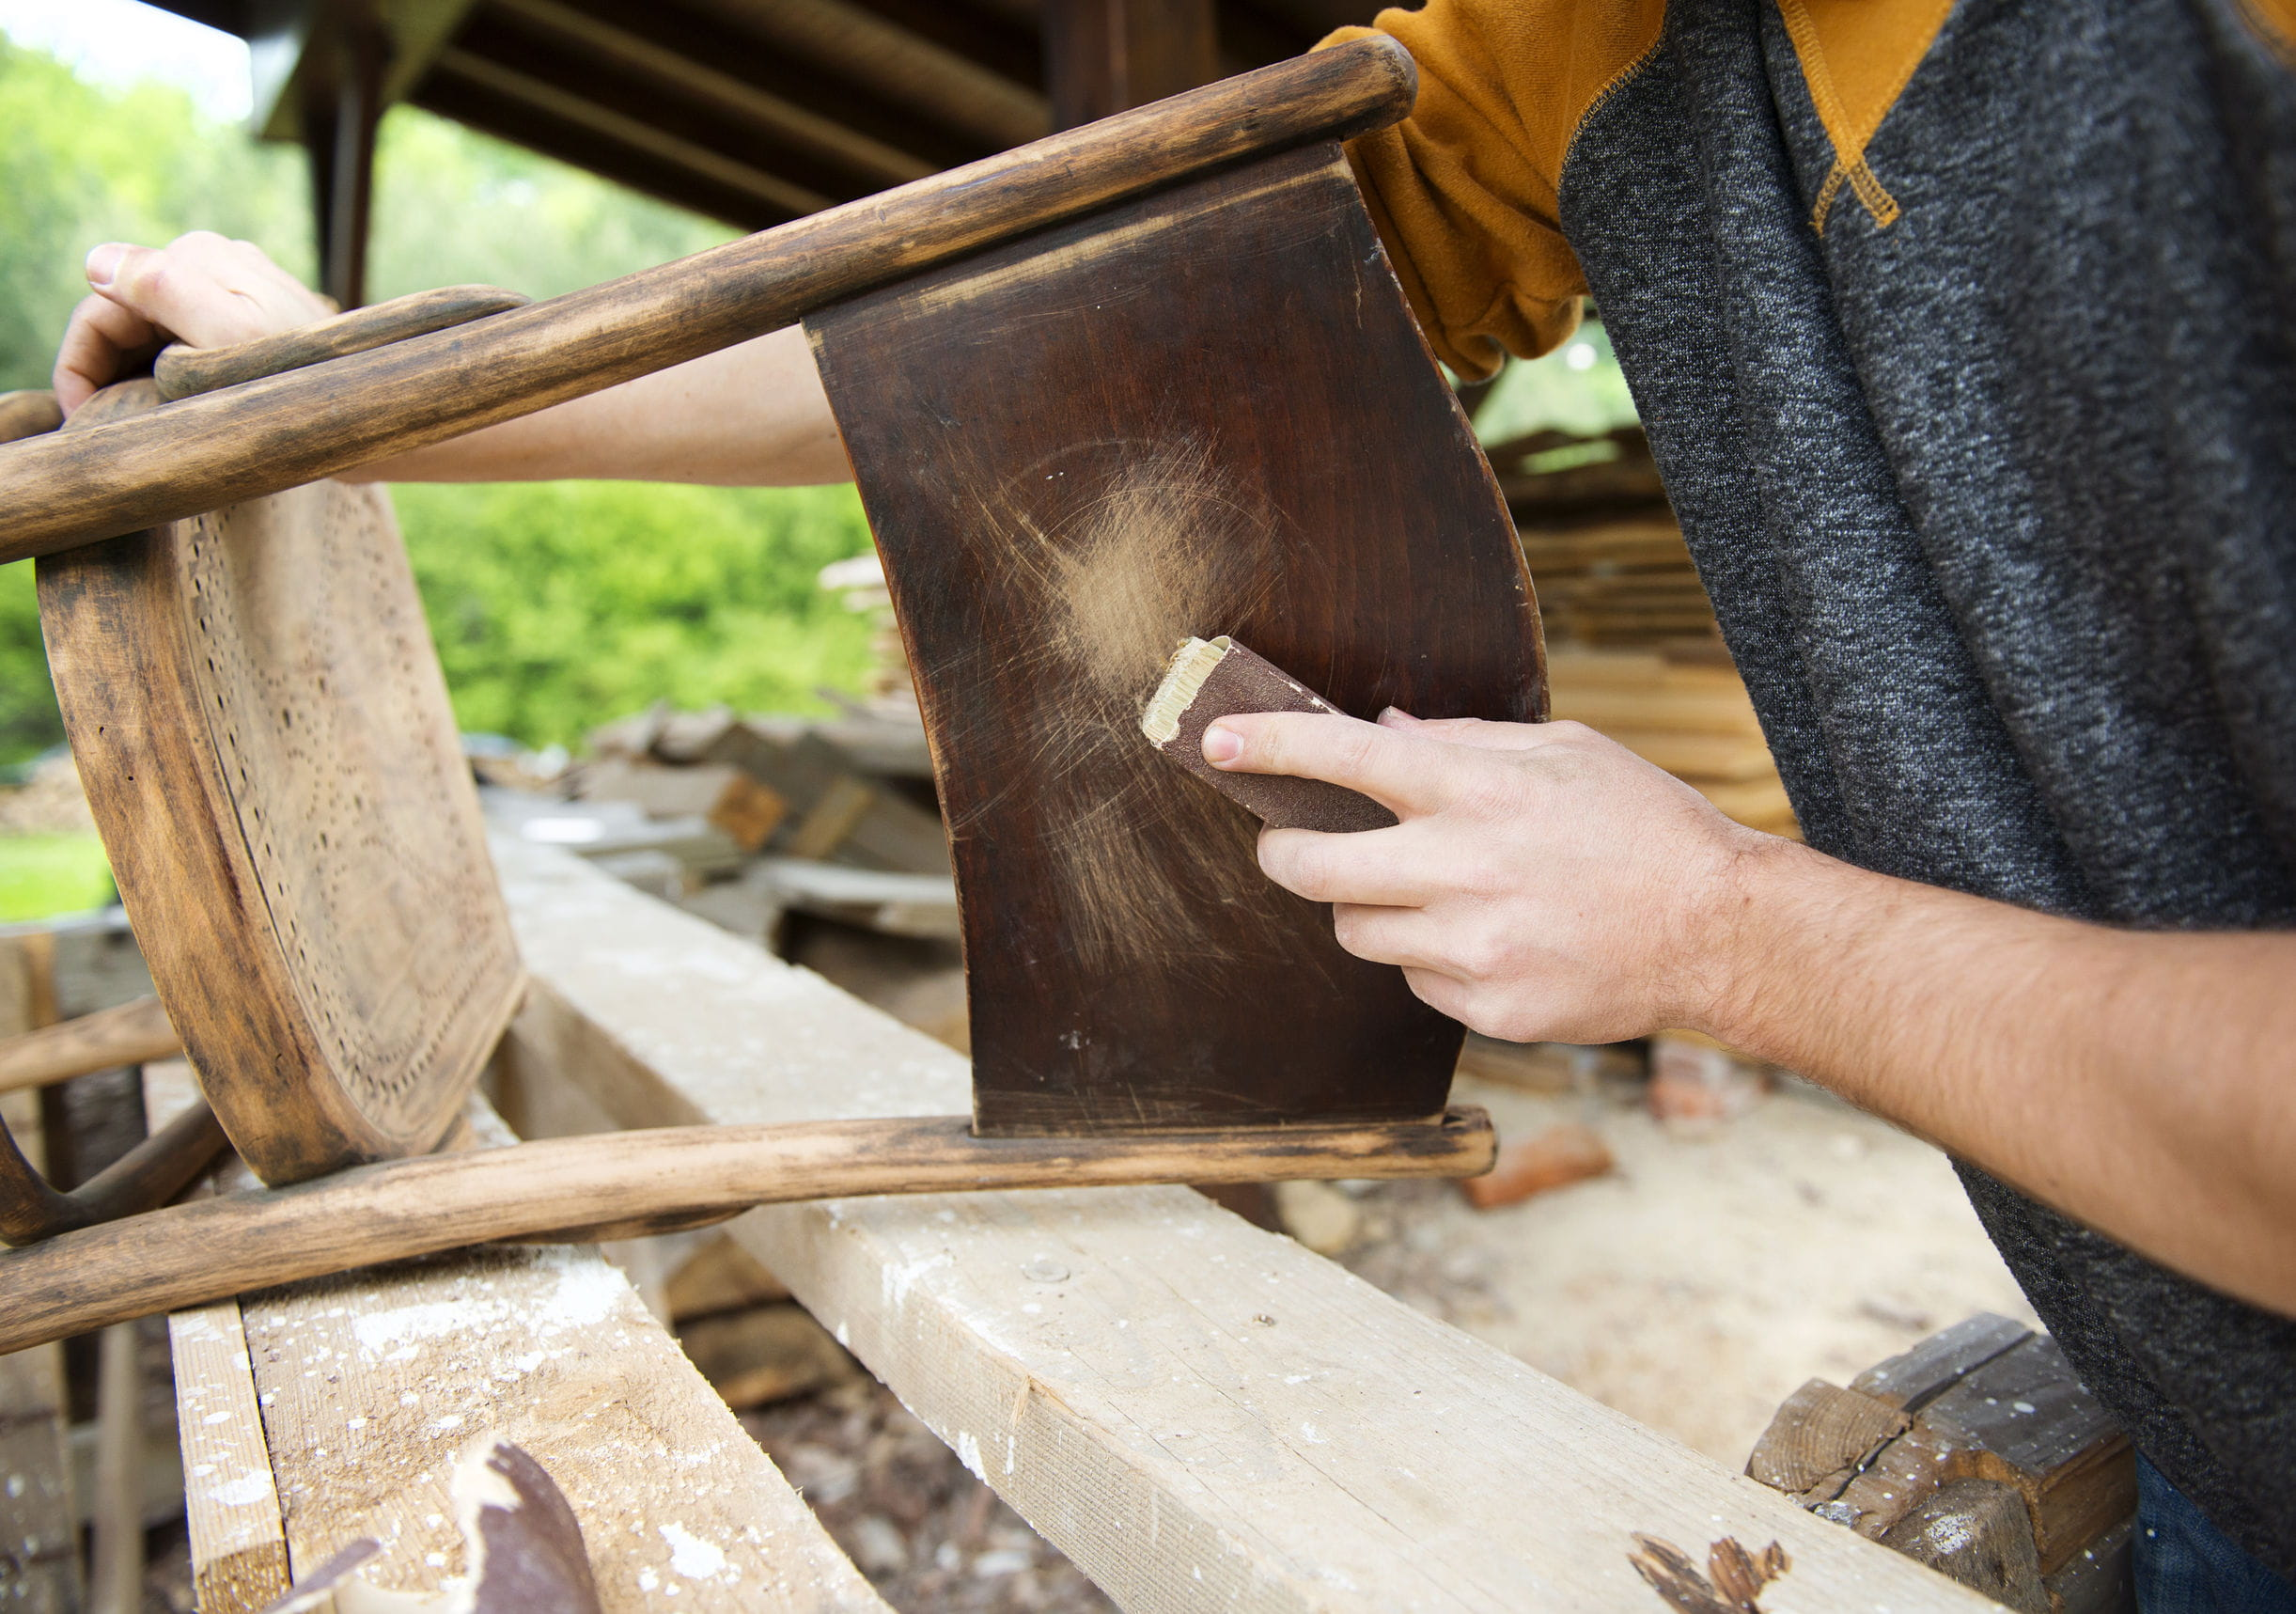 ltape du dcapage du meuble en bois est primordiale jozef polc123rf